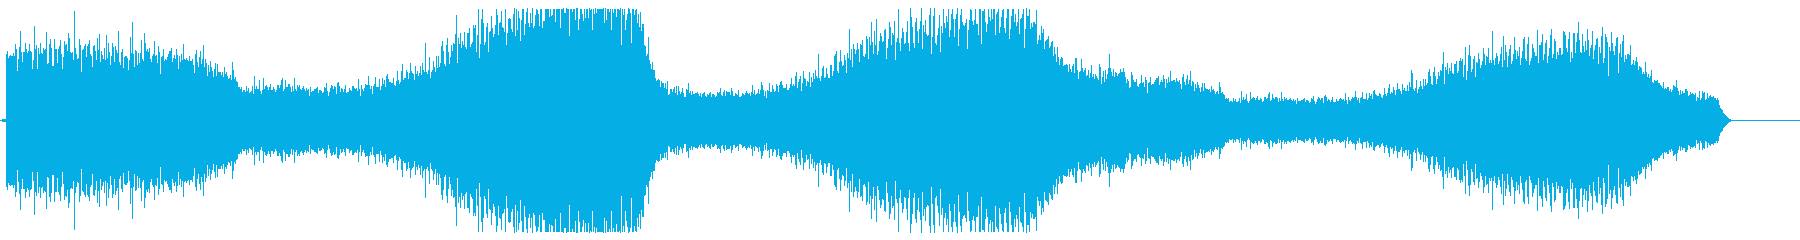 ミーンミーン(蝉の鳴き声)の再生済みの波形